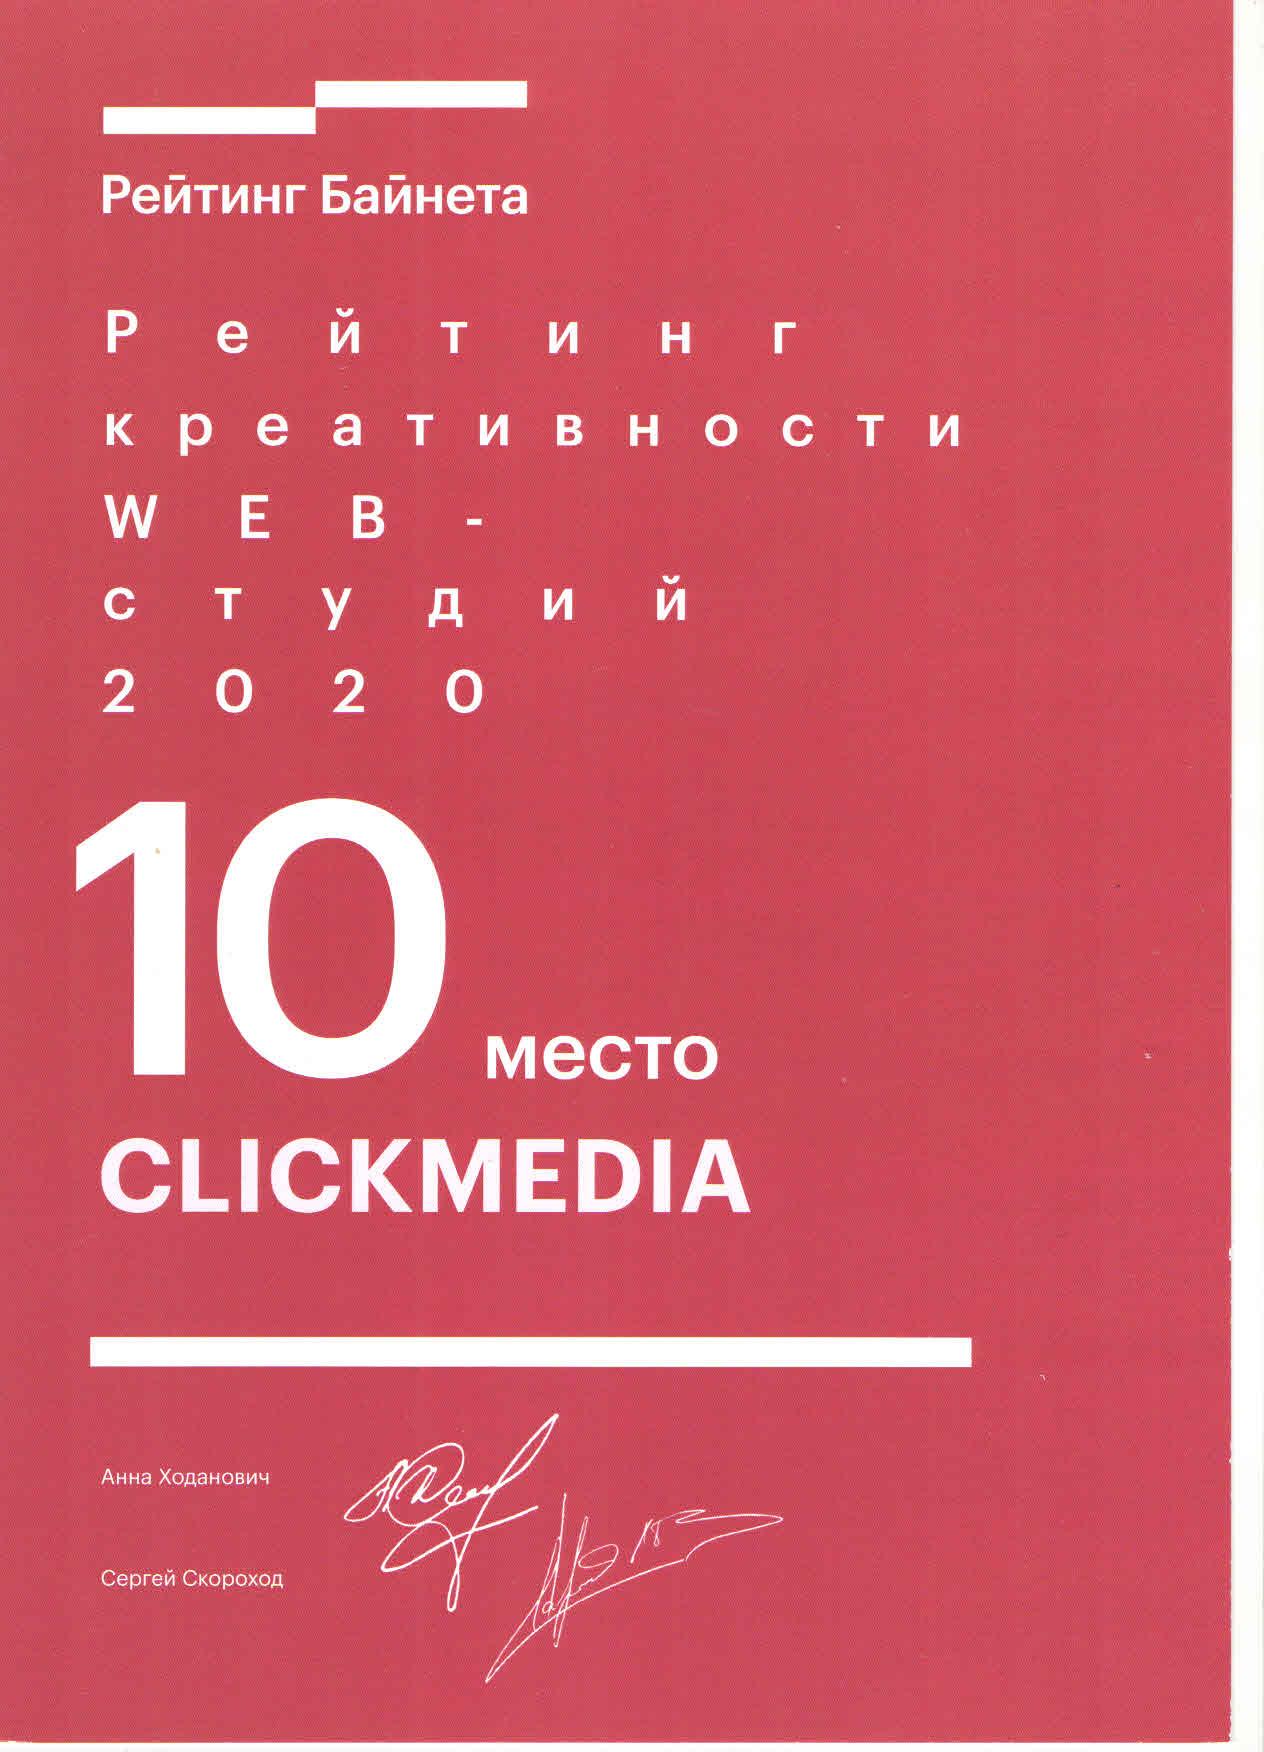 <b>10-е место</b> в рейтинге креативности WEB-студий Беларуси.